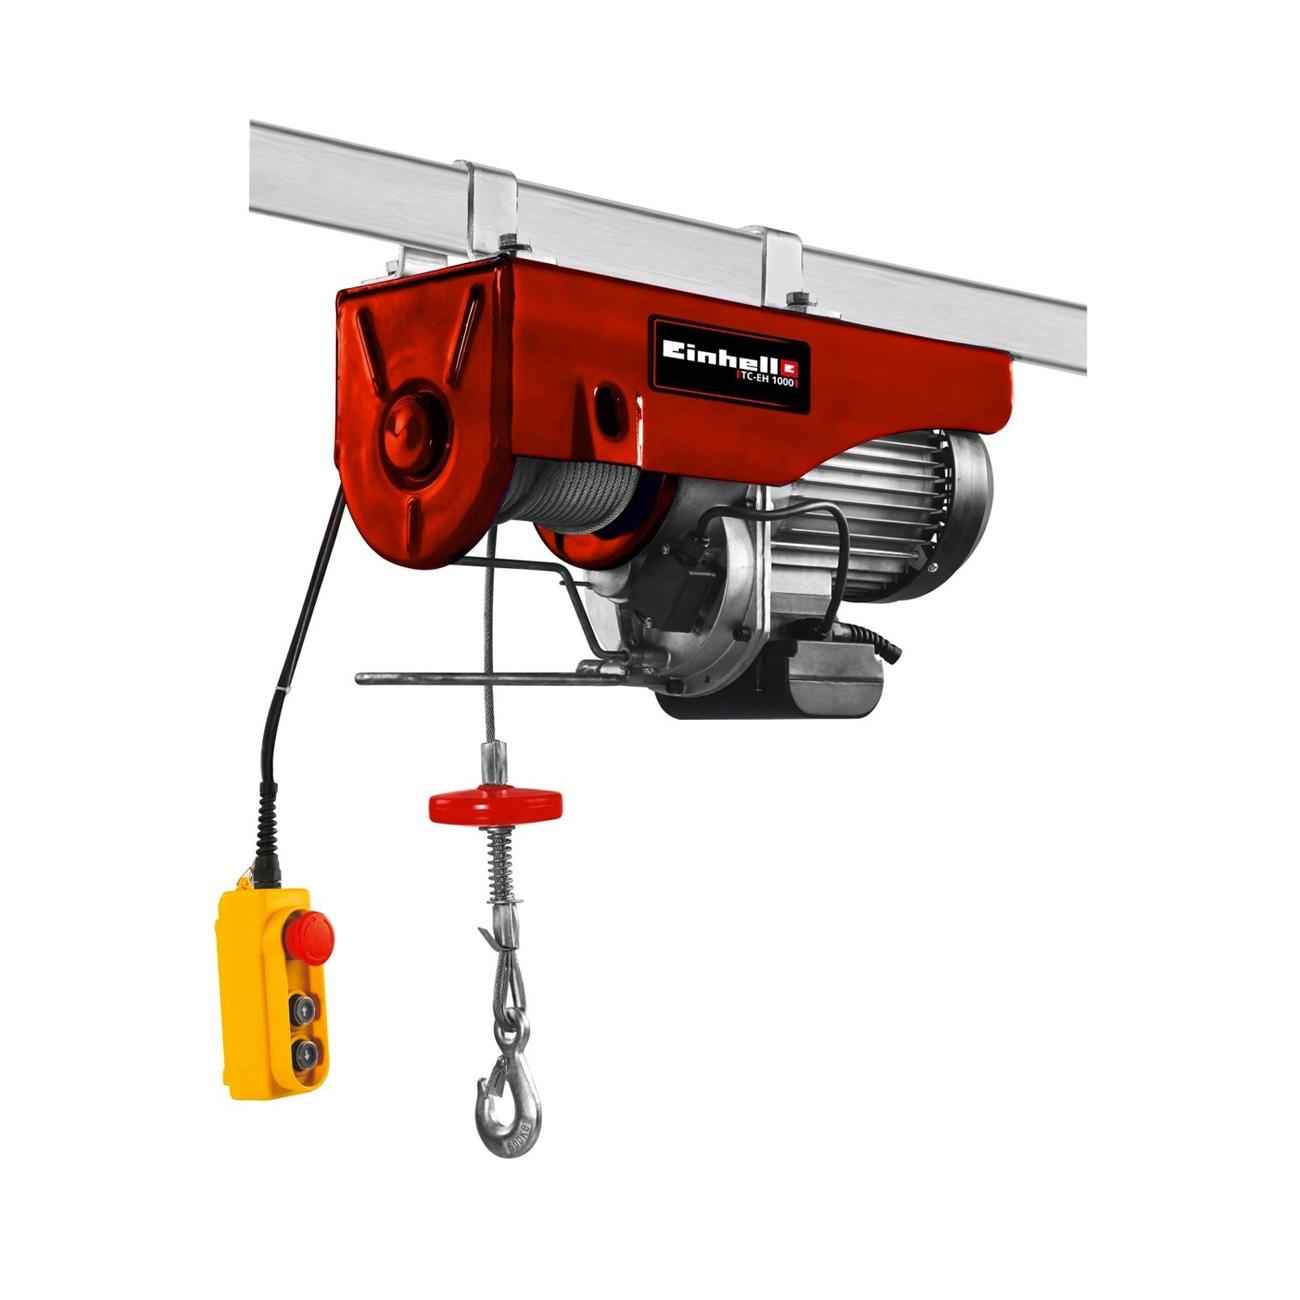 Palan électrique Einhell TC-EH 1000 Classic